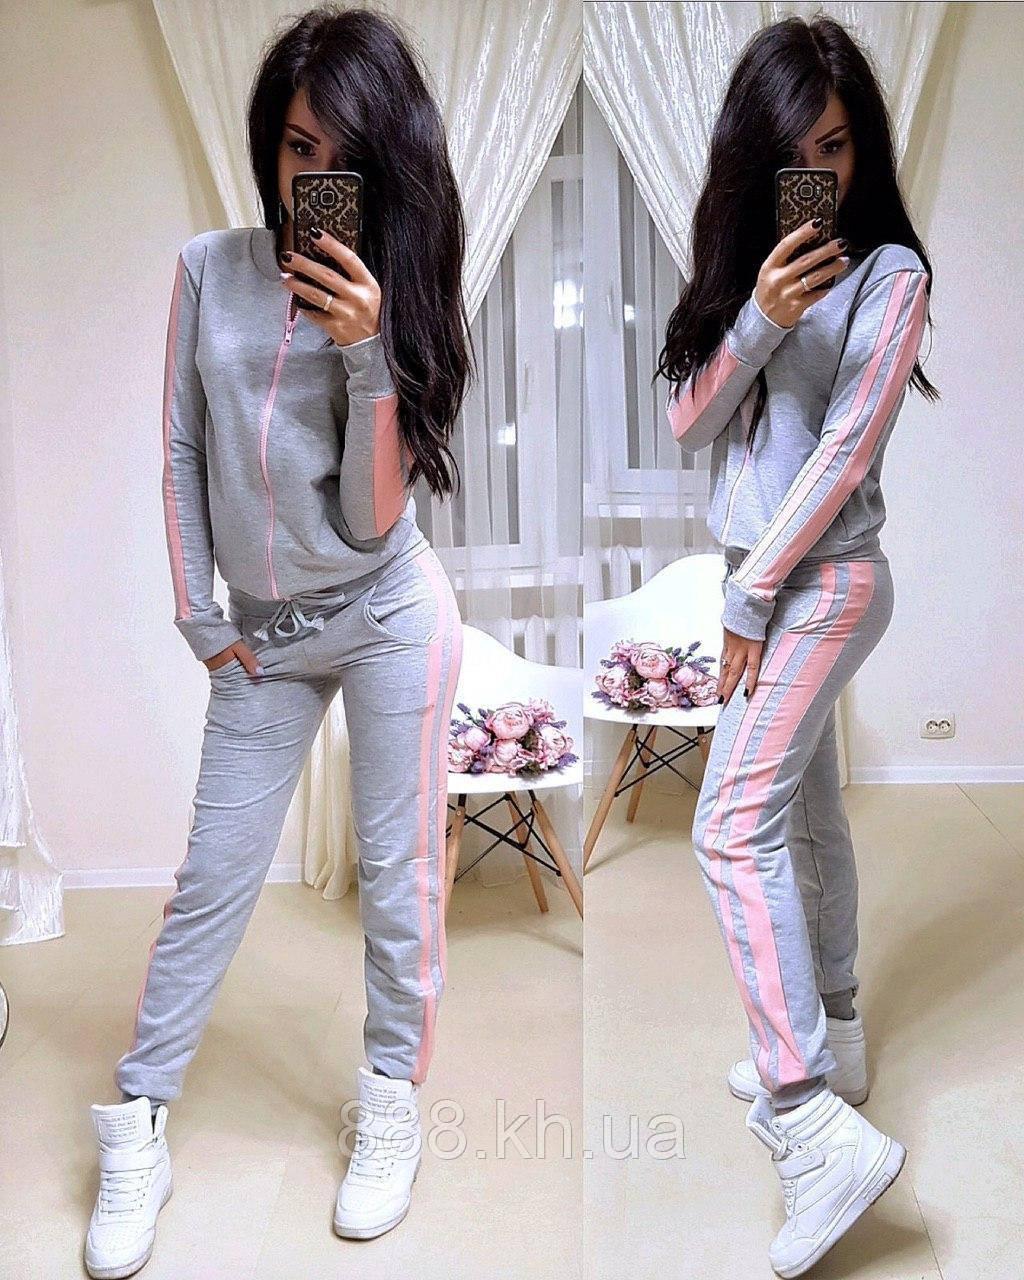 Женский спортивный костюм с лампасом, большие размеры, S/M/L/XL//2XL/3XL/4XL (серый/розовый)